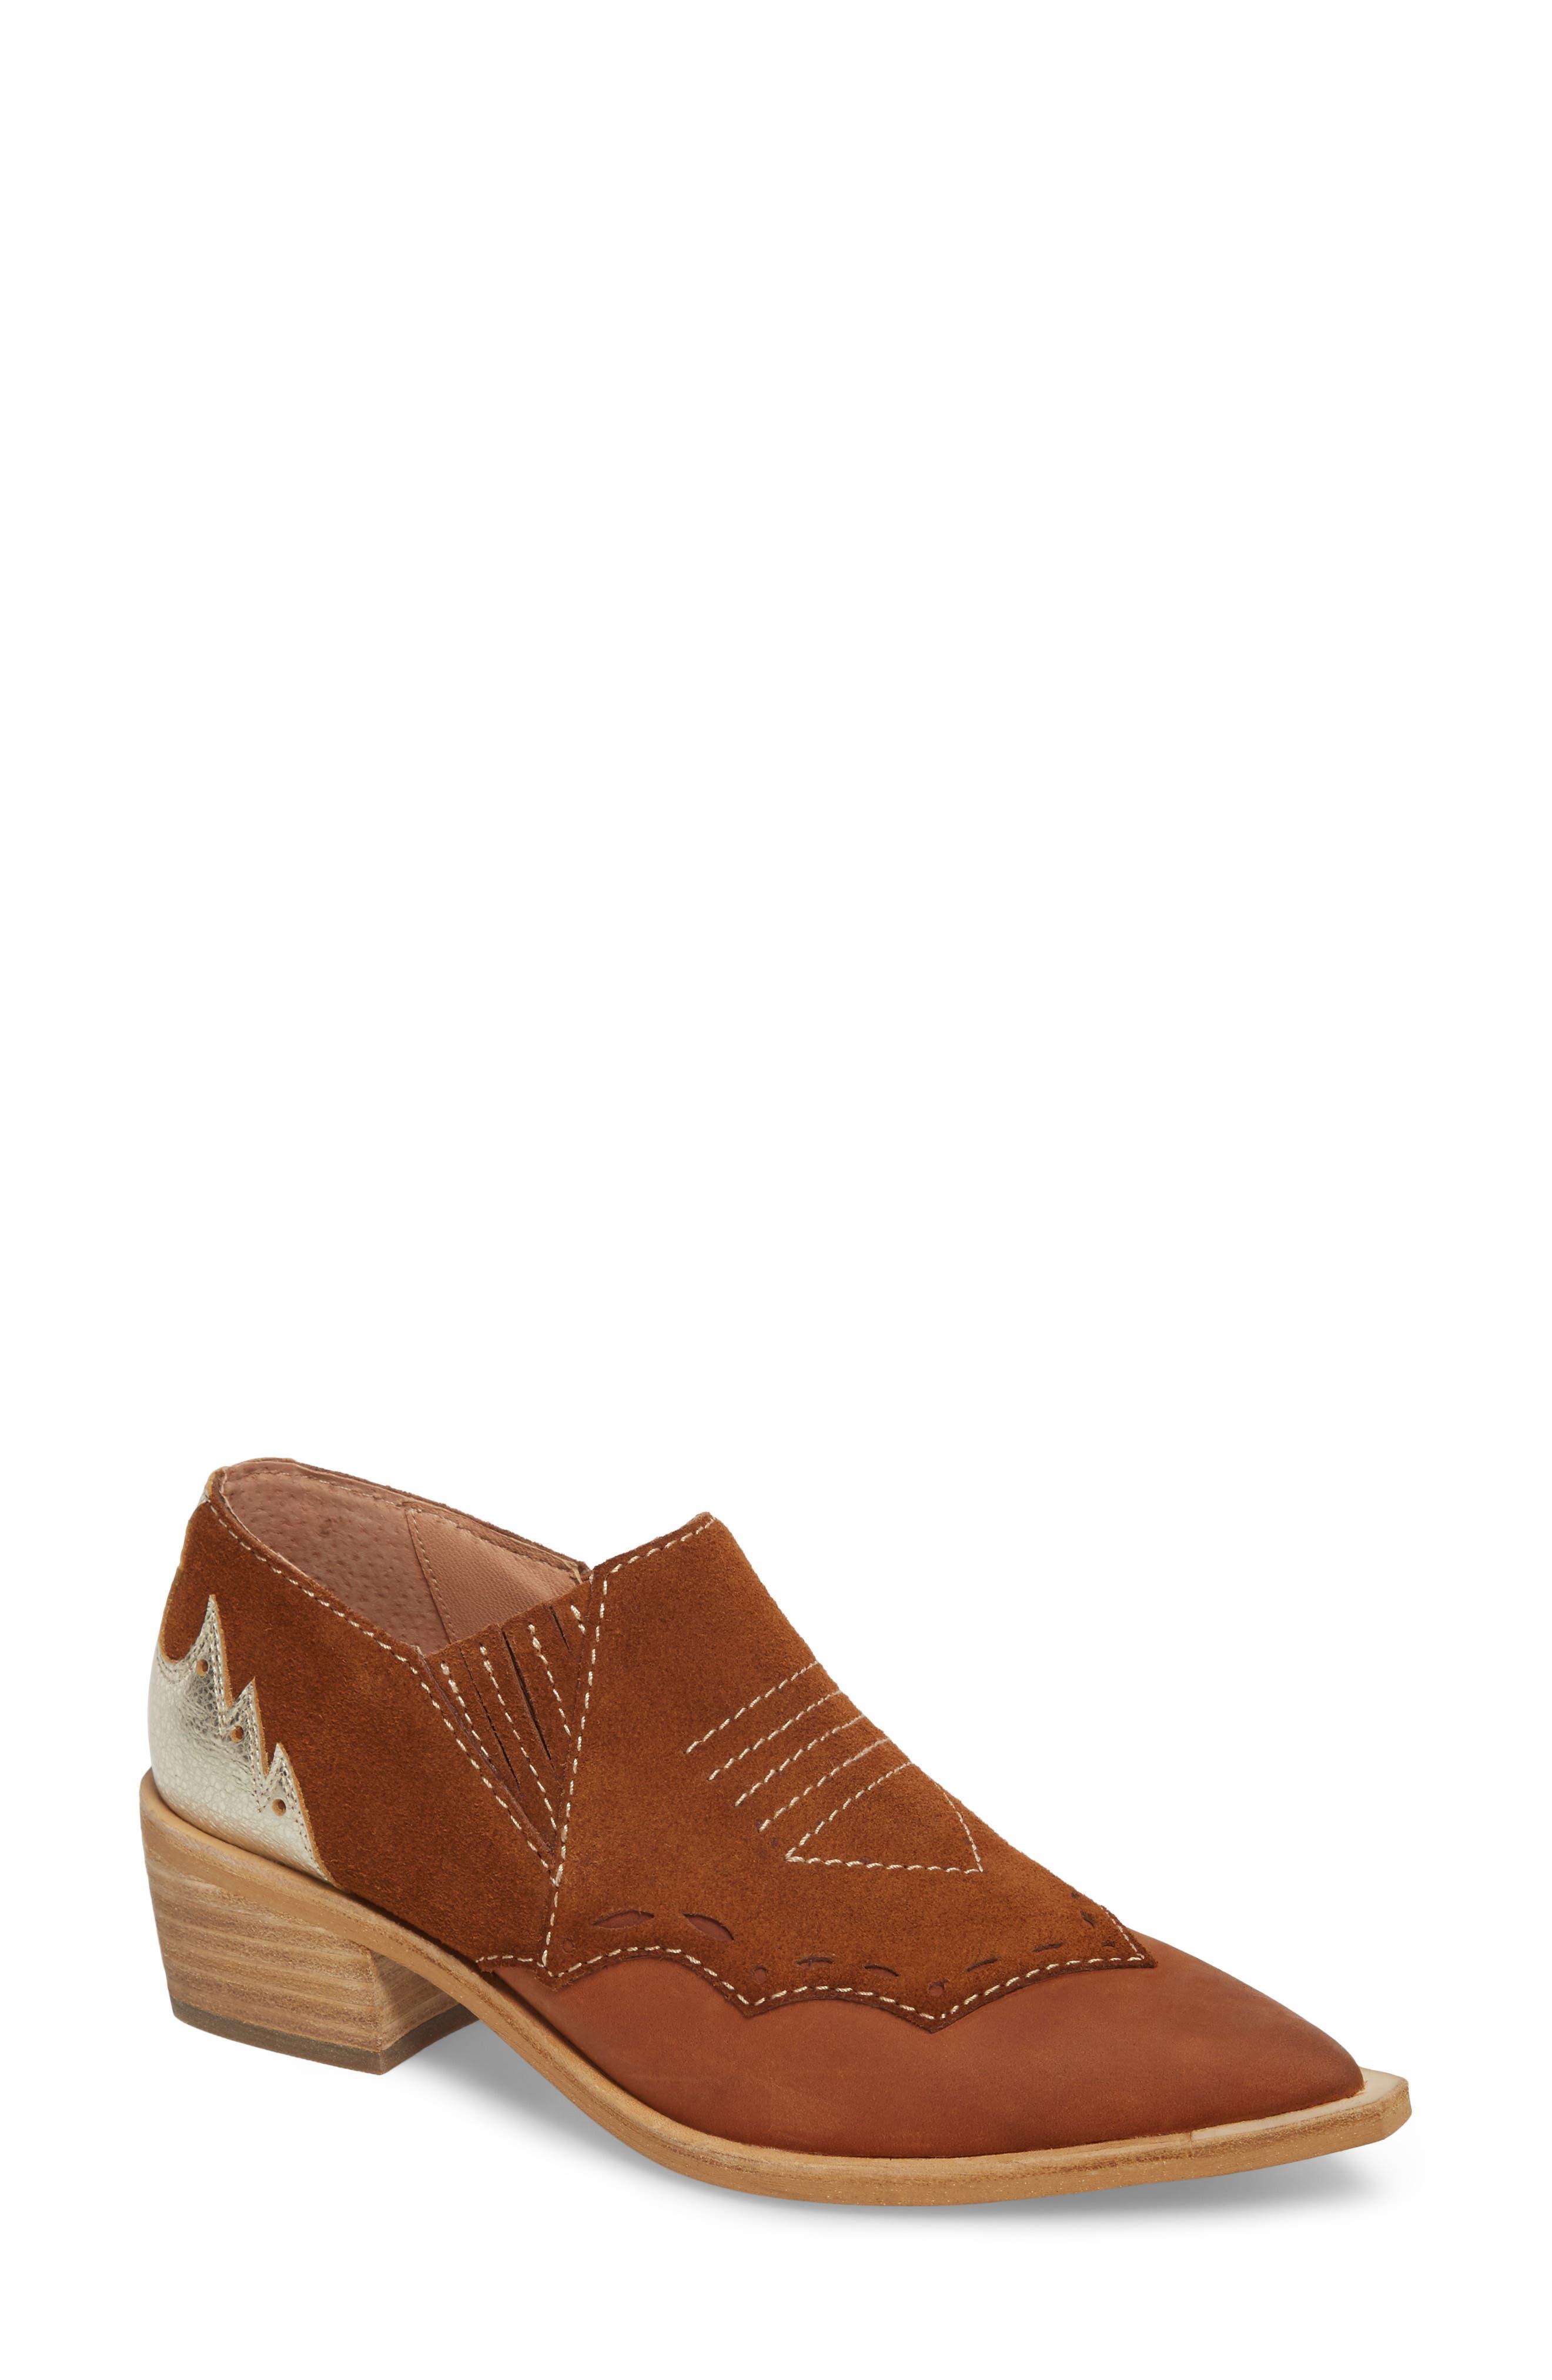 Warner Western Bootie,                         Main,                         color, Brown/ Deep Maroon Leather